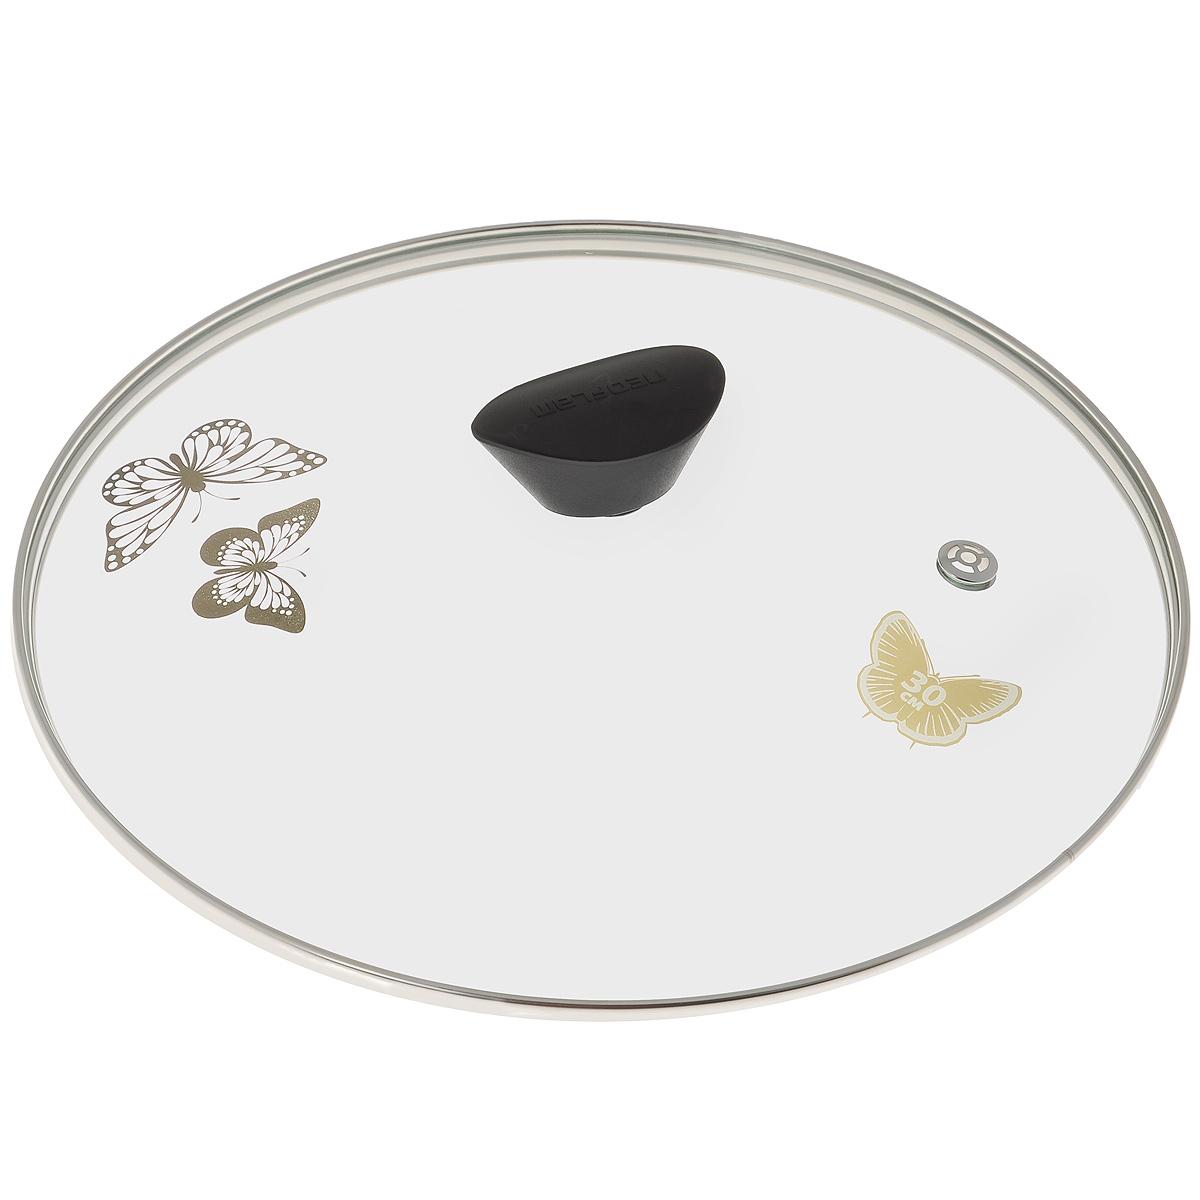 Крышка стеклянная Frybest. Диаметр 30 смGL30FКрышка Frybest изготовлена из термостойкого стекла. Обод, выполненный из высококачественной нержавеющей стали, защищает крышку от повреждений, а ручка, изготовленная из бакелита, защищает ваши руки от высоких температур. Крышка удобна в использовании, позволяет контролировать процесс приготовления пищи. Изделие оснащено усиленным пароотводом, благодаря чему эффективно удаляется избыточное давление. Крышка украшена изображением бабочек. Высота крышки (с учетом ручки): 6,5 см.